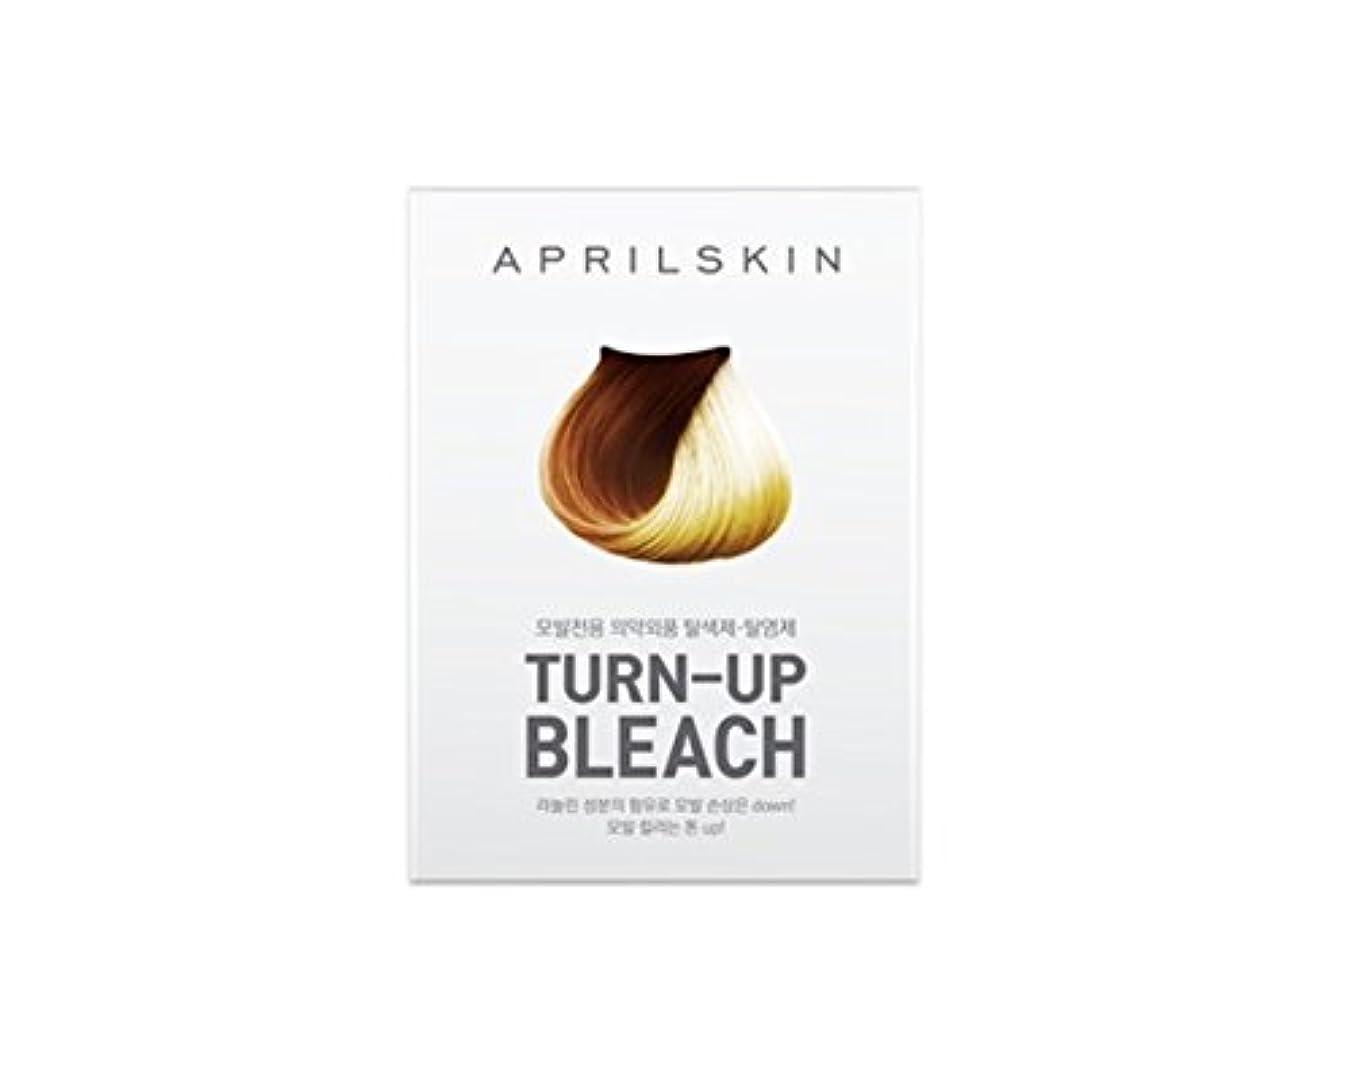 同意する魅了するすずめエープリル?スキン [韓国コスメ April Skin] 漂白ブリーチ(ヘアブリーチ)Turn Up Bleach (Hair Bleach) [海外直送品]